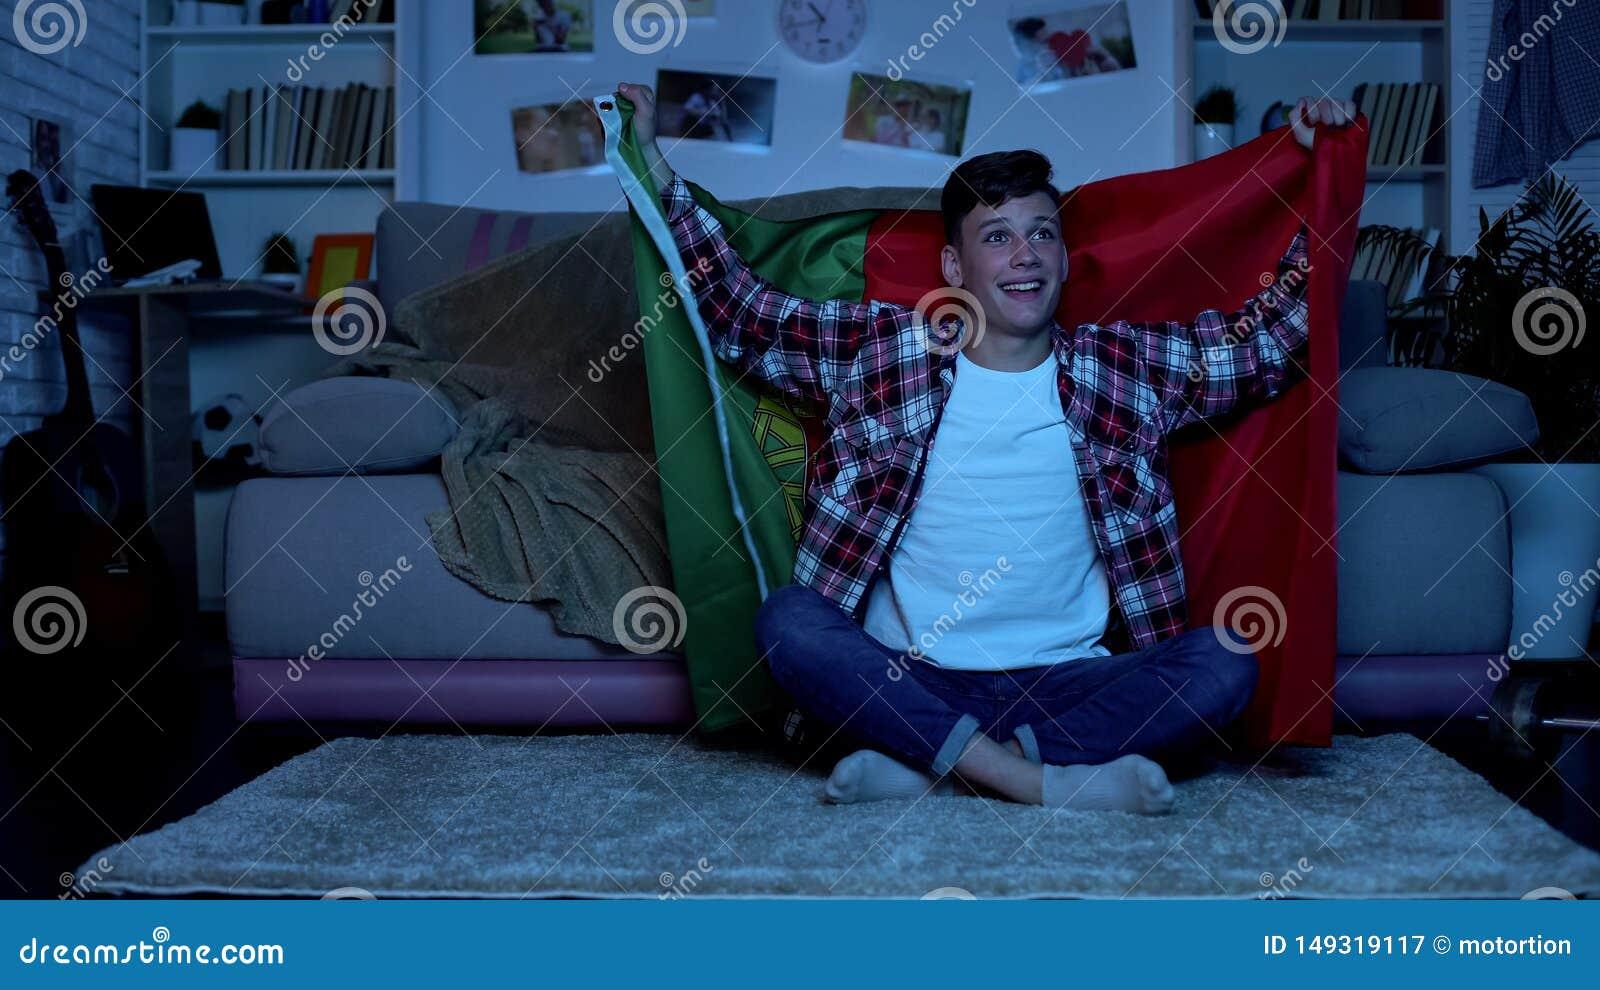 Bandeira portuguesa da terra arrendada do adolescente, equipe nacional cheering, competi??o de esportes